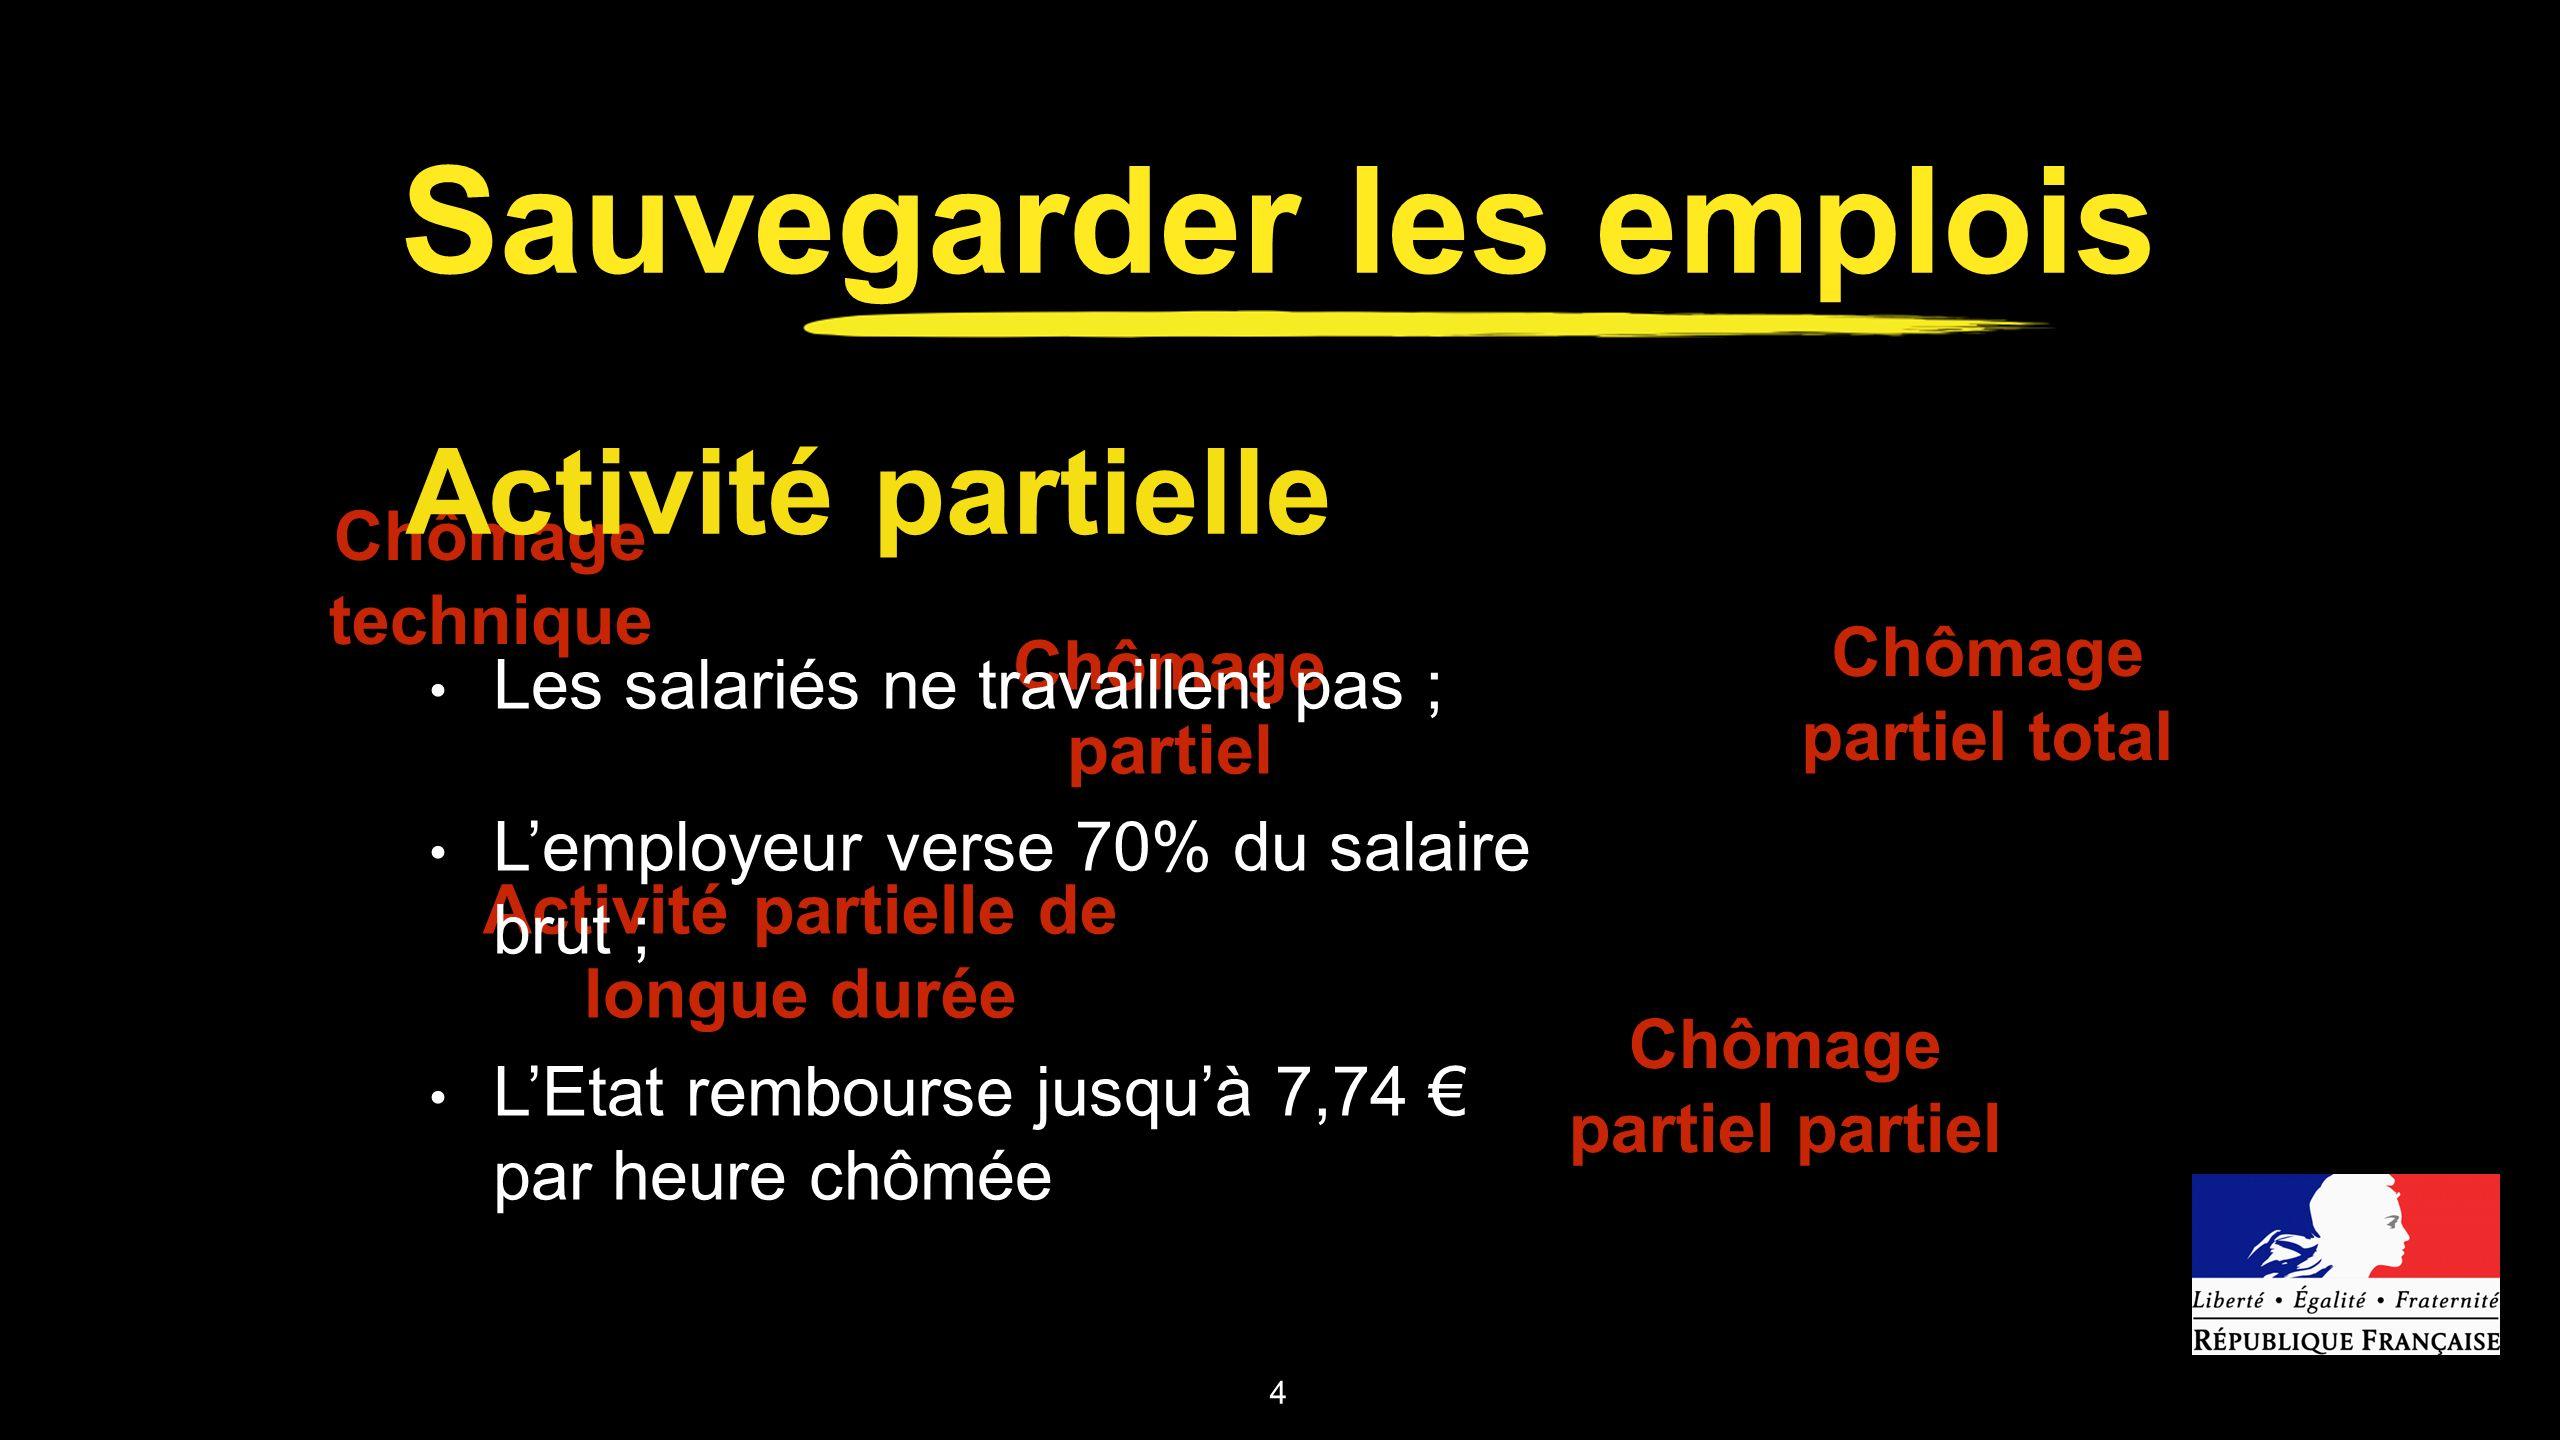 Sauvegarder les emplois 4 Chômage technique Chômage partiel Activité partielle de longue durée Chômage partiel total Chômage partiel partiel Activité partielle Les salariés ne travaillent pas ; Lemployeur verse 70% du salaire brut ; LEtat rembourse jusquà 7,74 par heure chômée